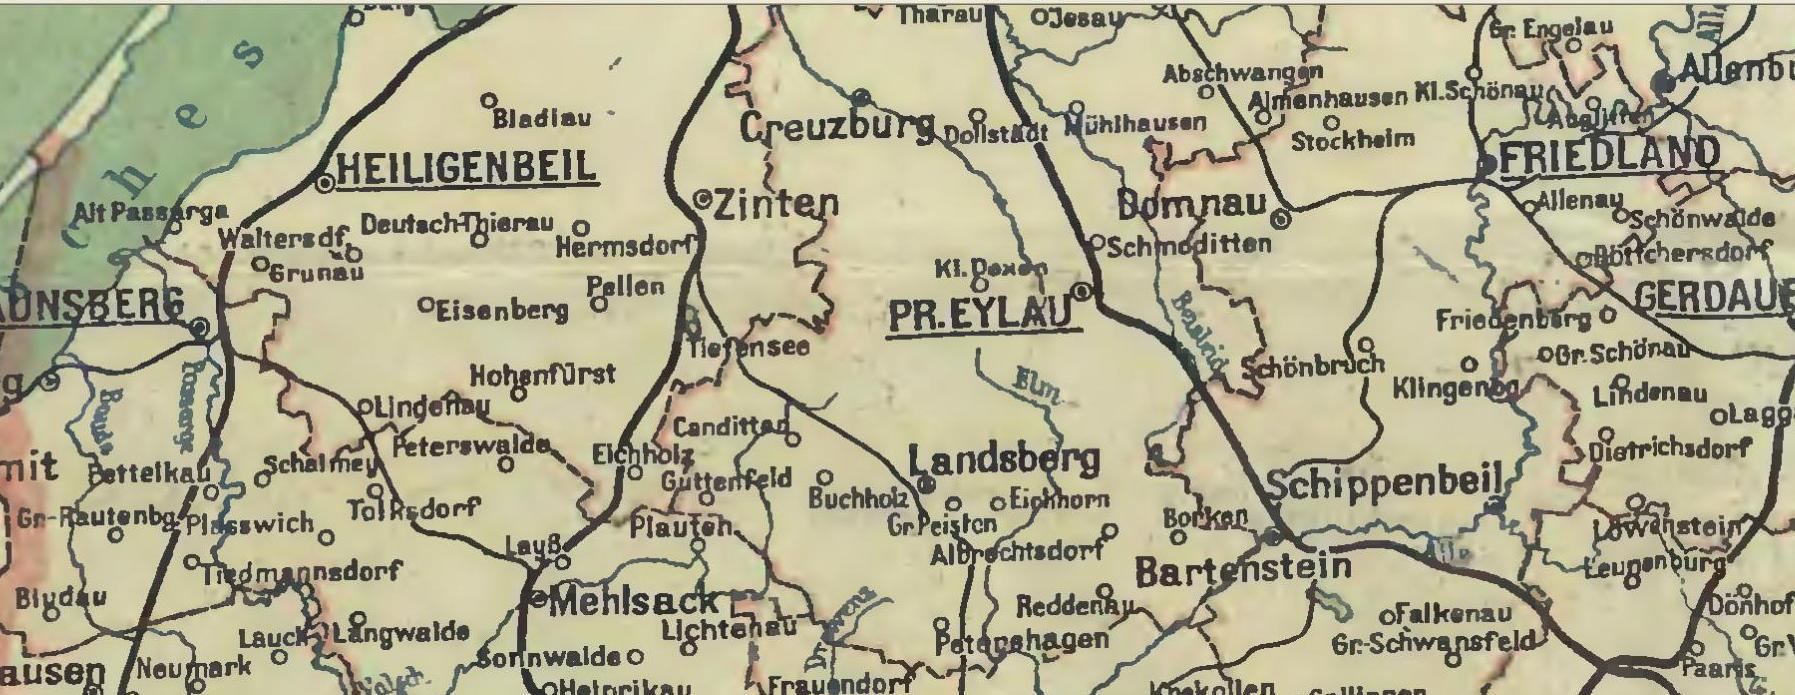 Karte Ostpreußen.Karte Der Kirchorte In Ostpreußen Genealogie Tagebuch